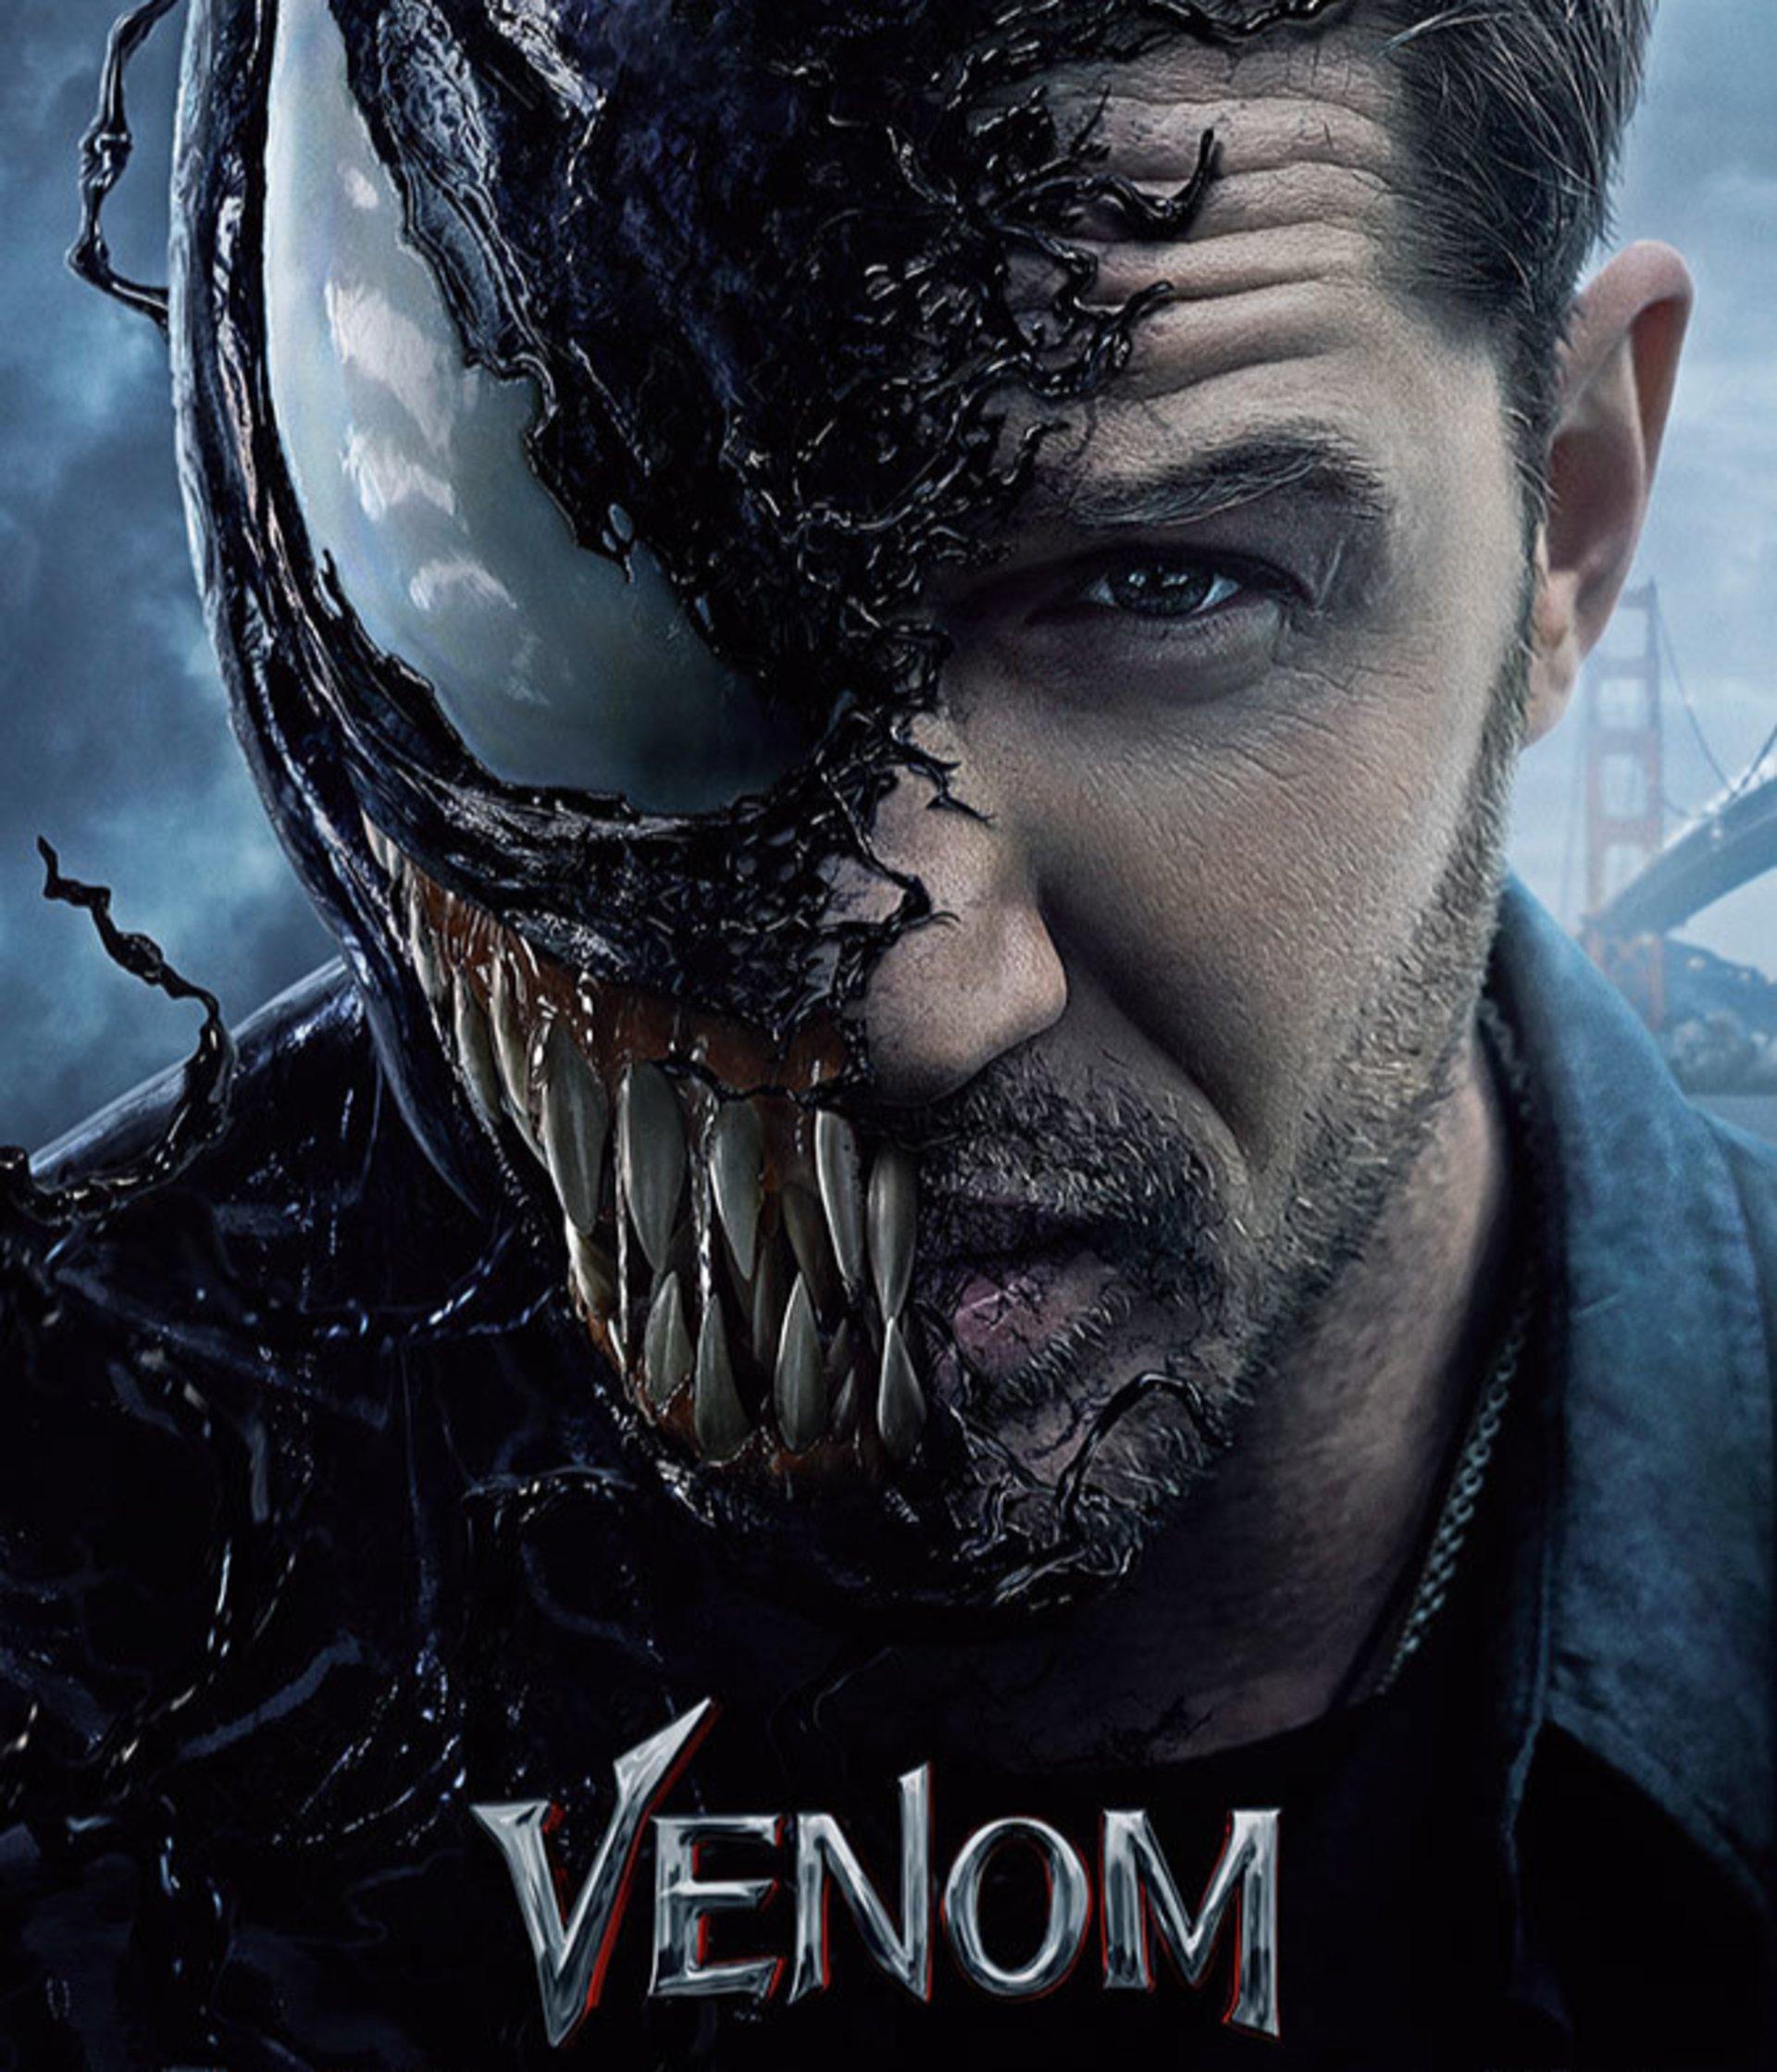 Nonton Film Venom (2018) Subtitle Indonesia | cnnxxi